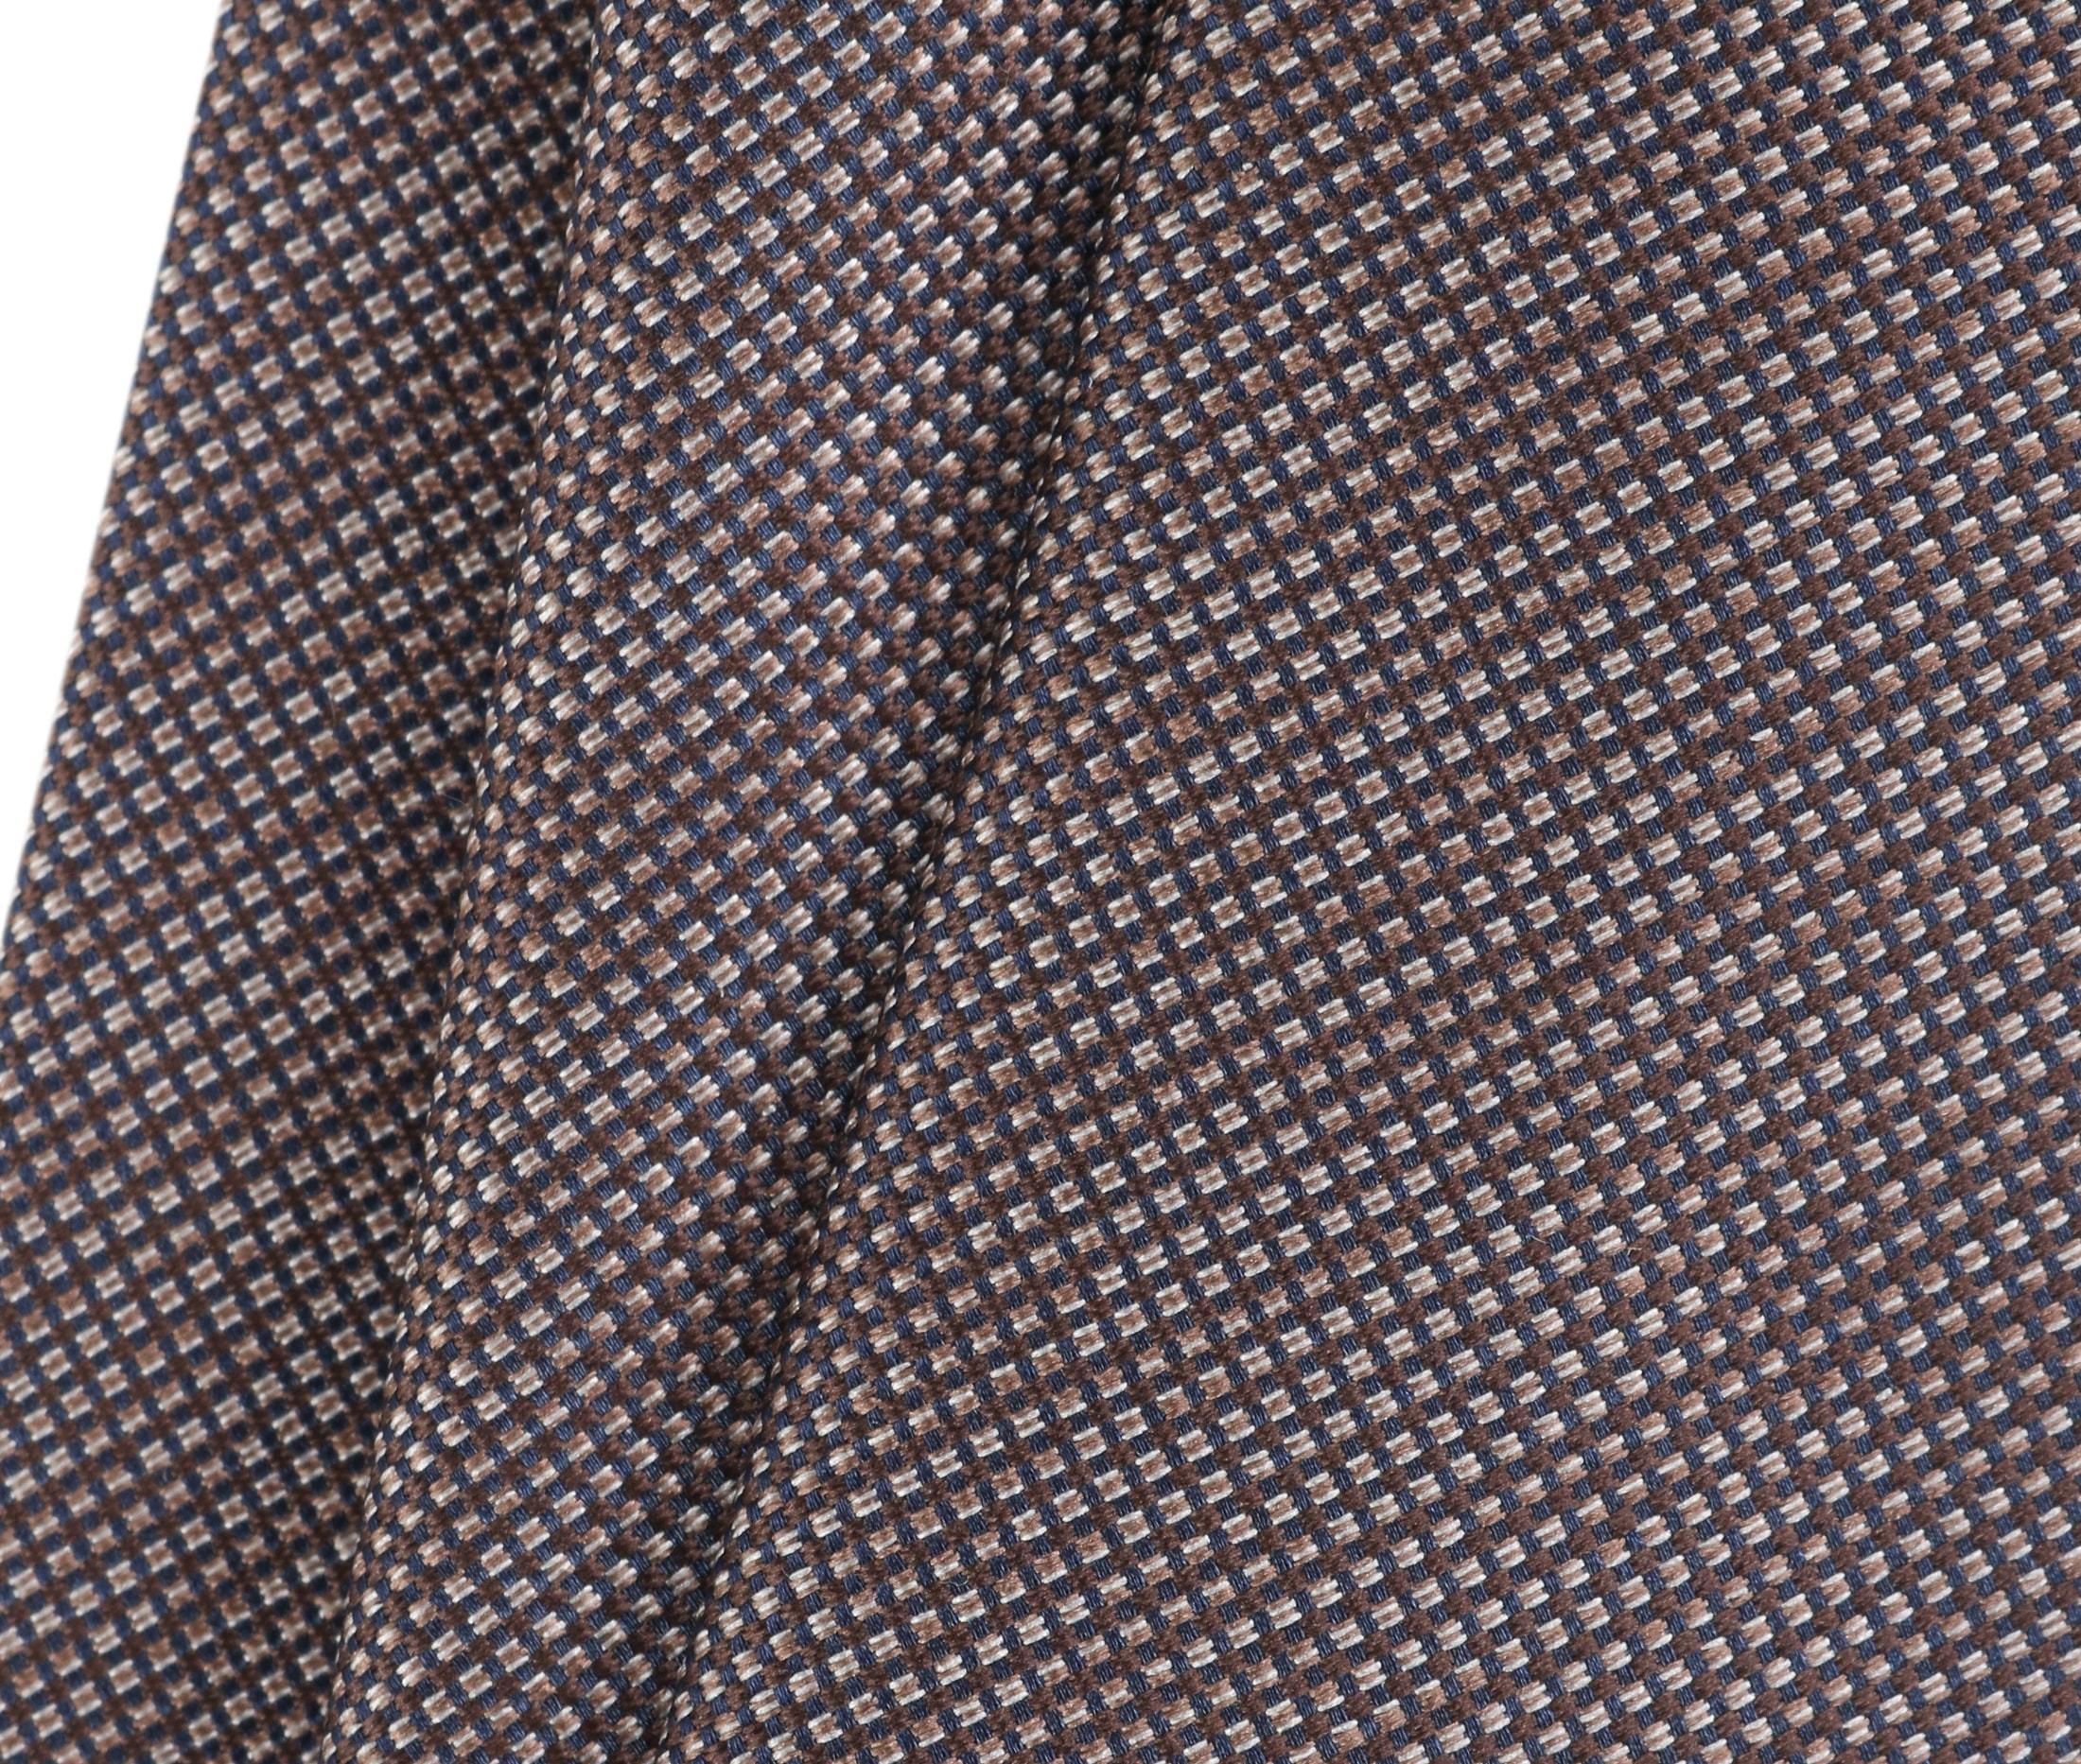 Krawatte Seide Pinpoint Braun 9-17 foto 2